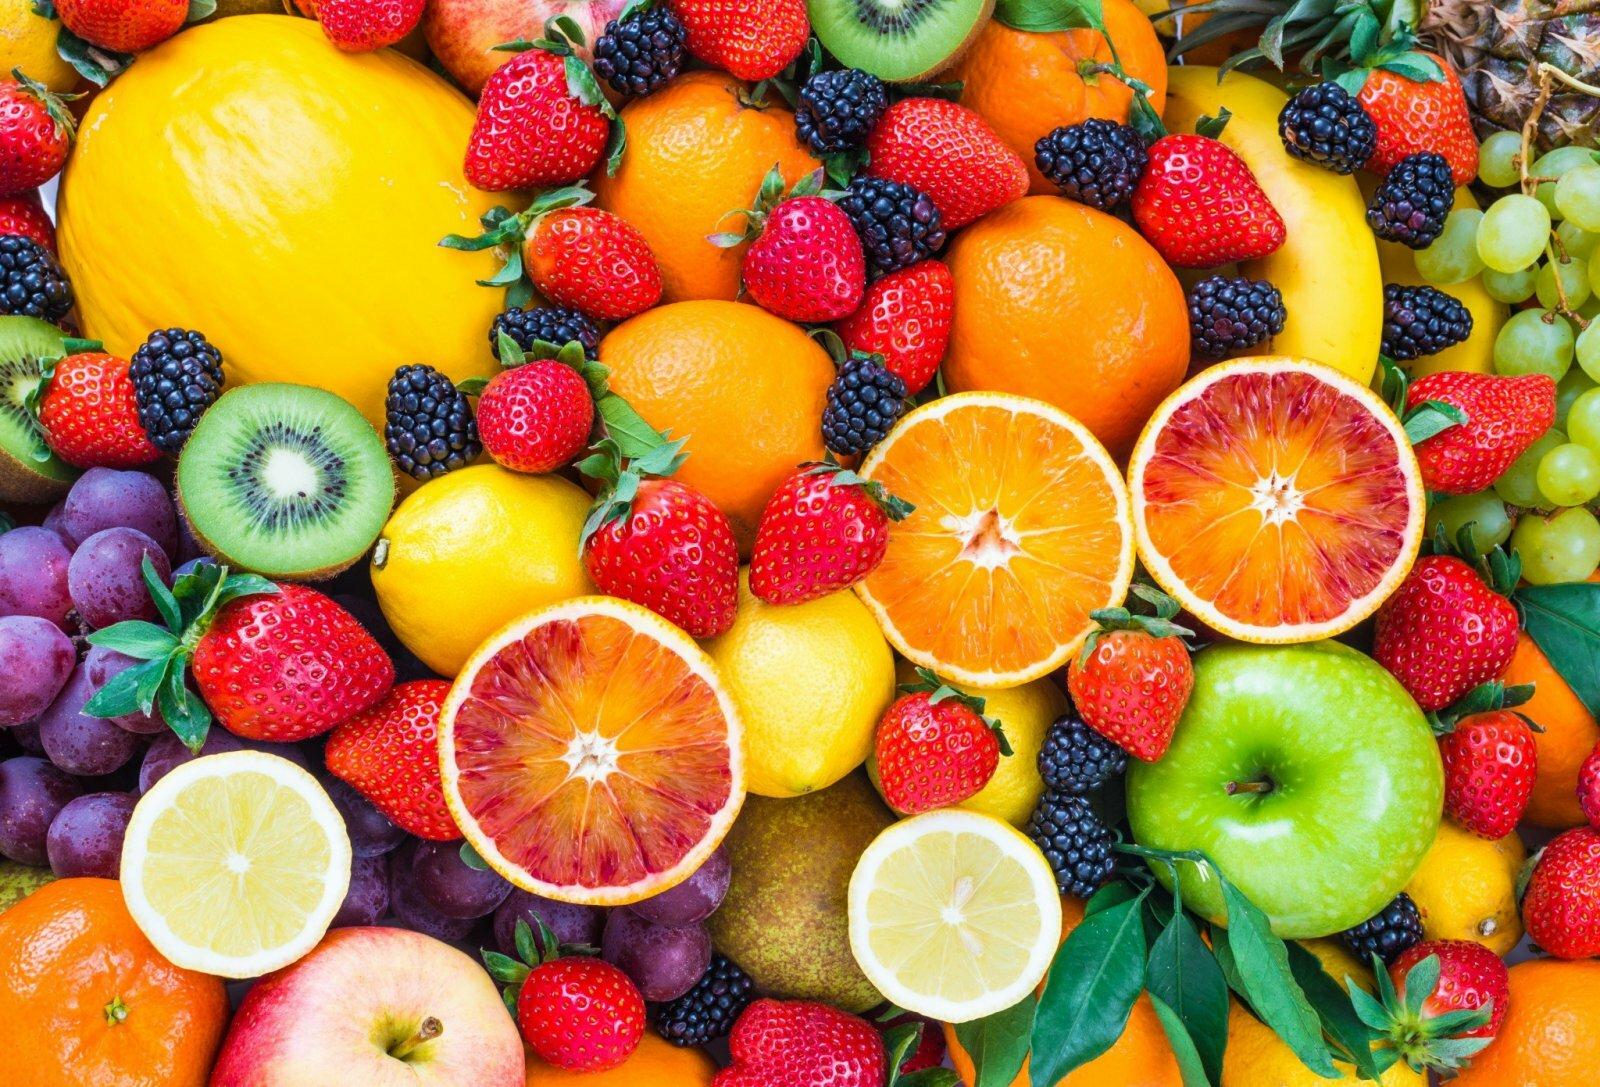 shutterstock 252338818 - Alimentos saudáveis para uma vida melhor